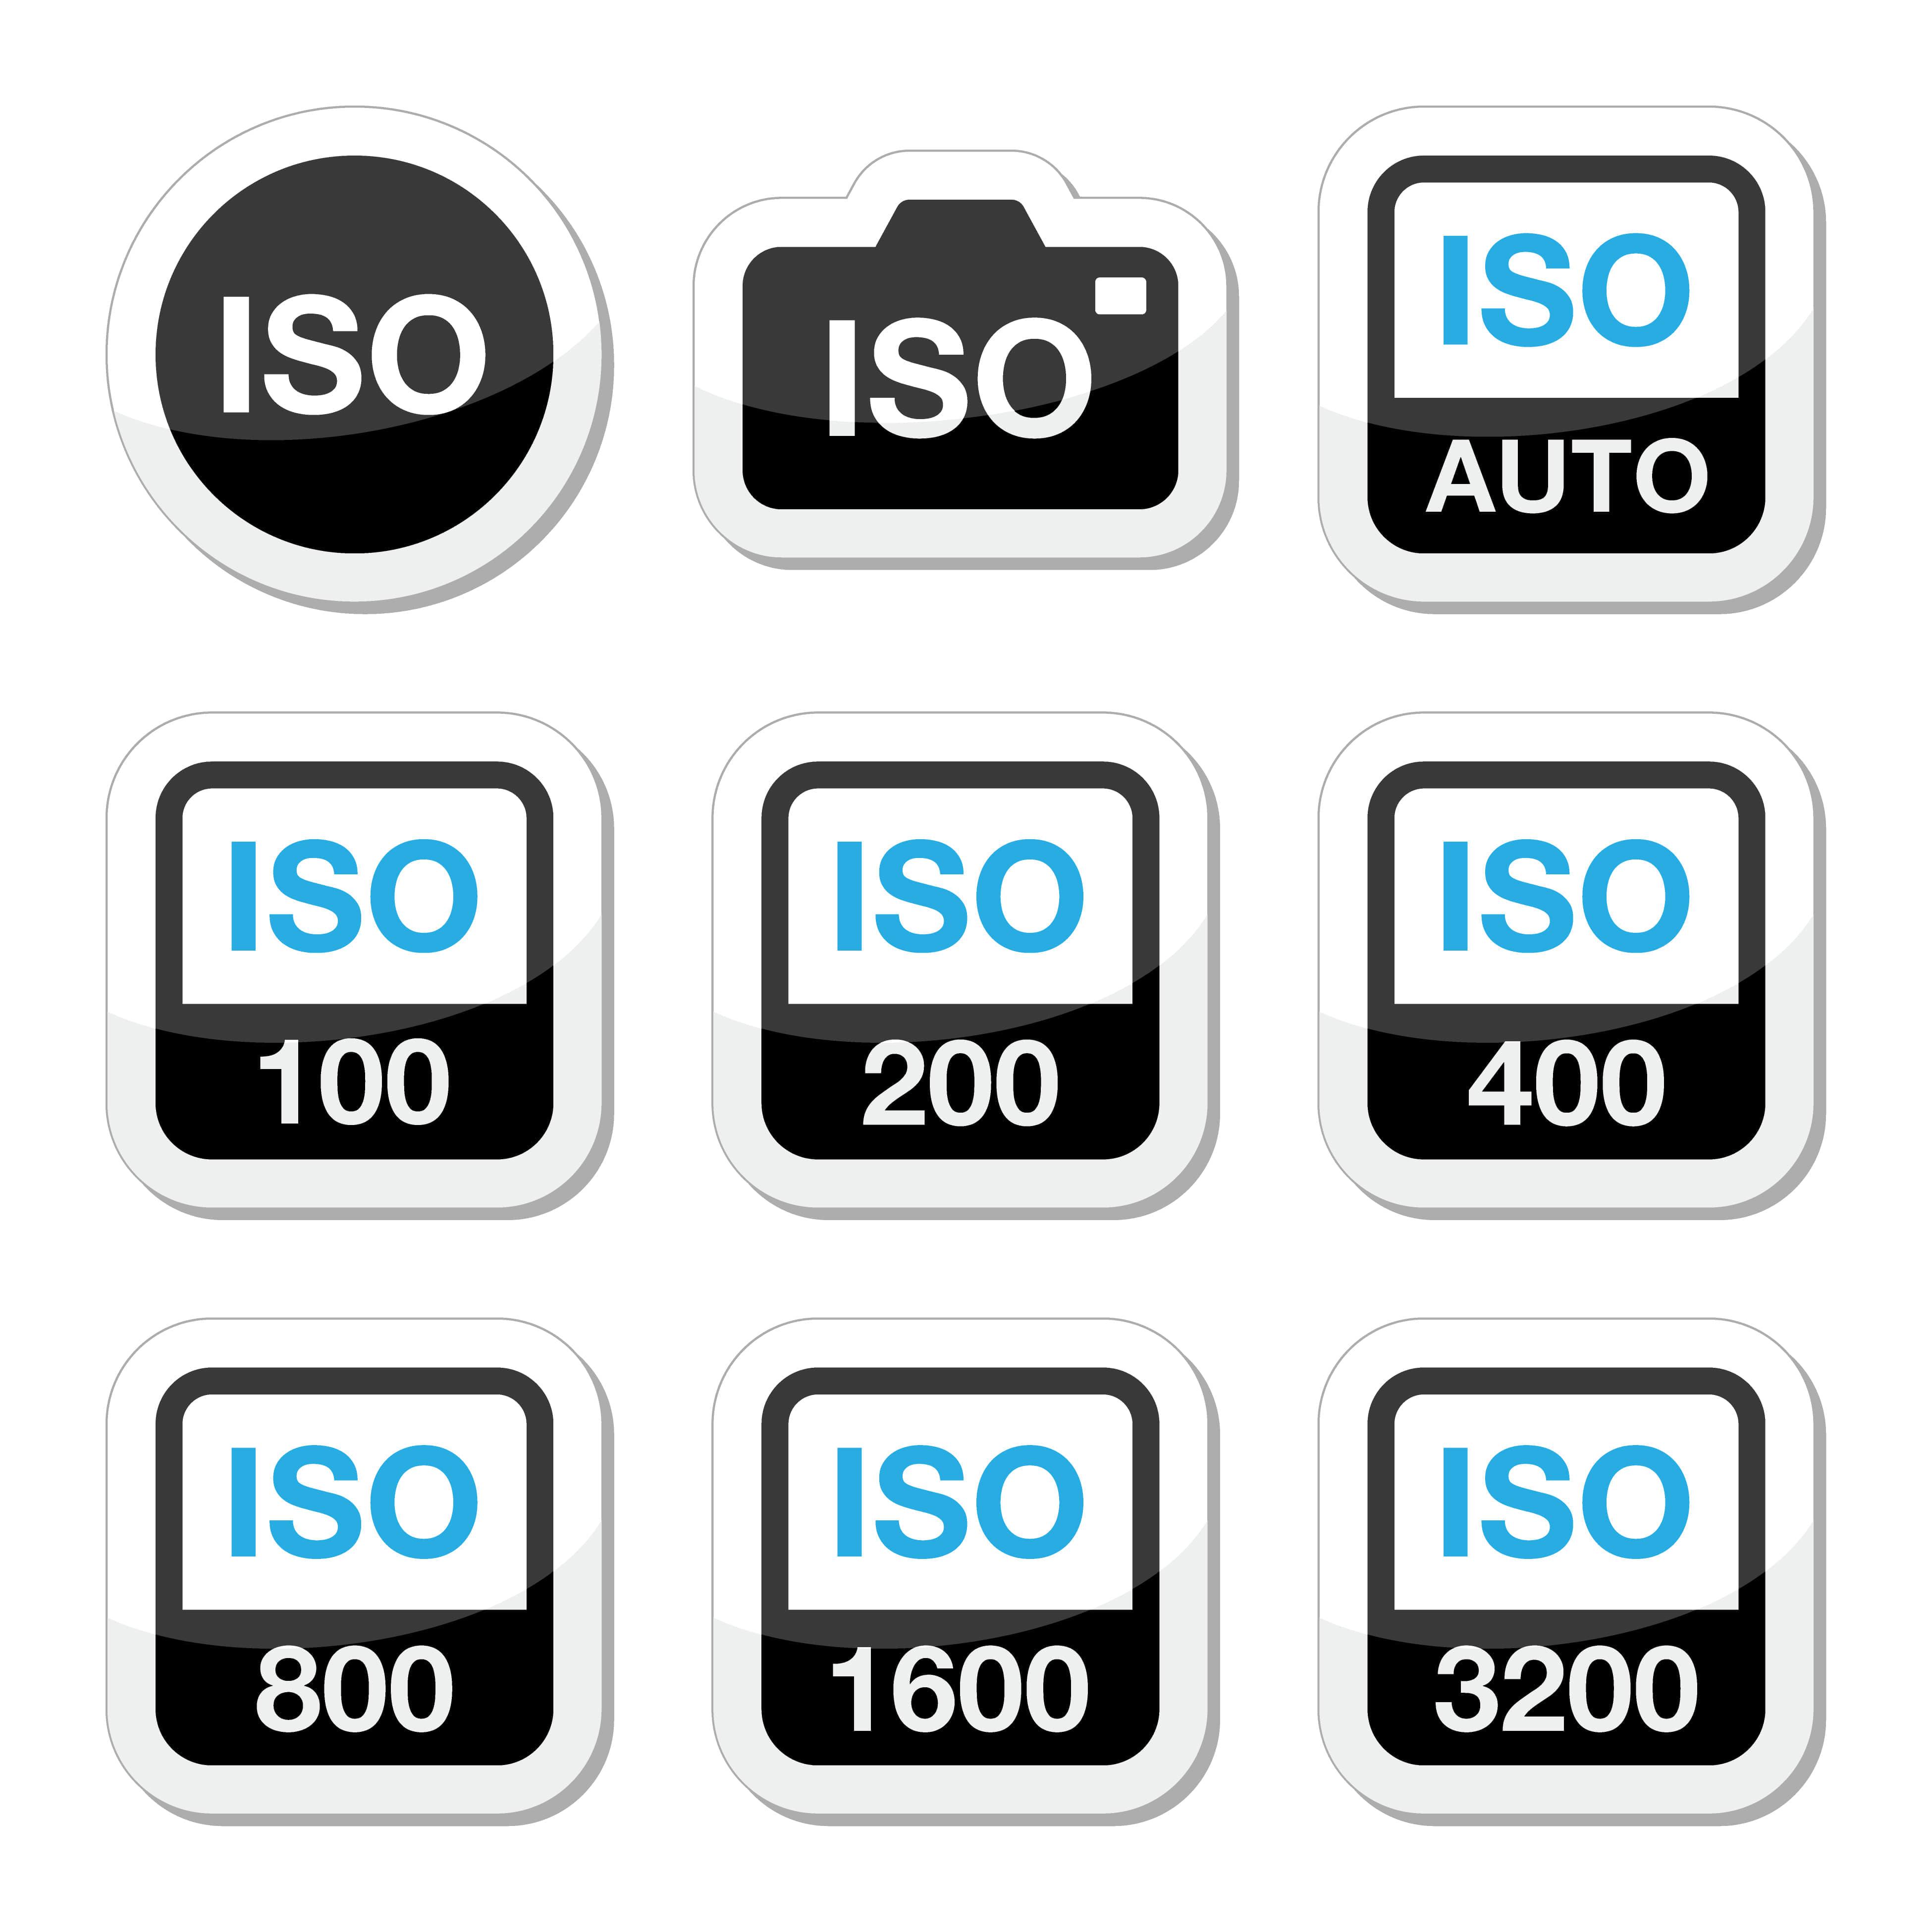 ISO Strandards